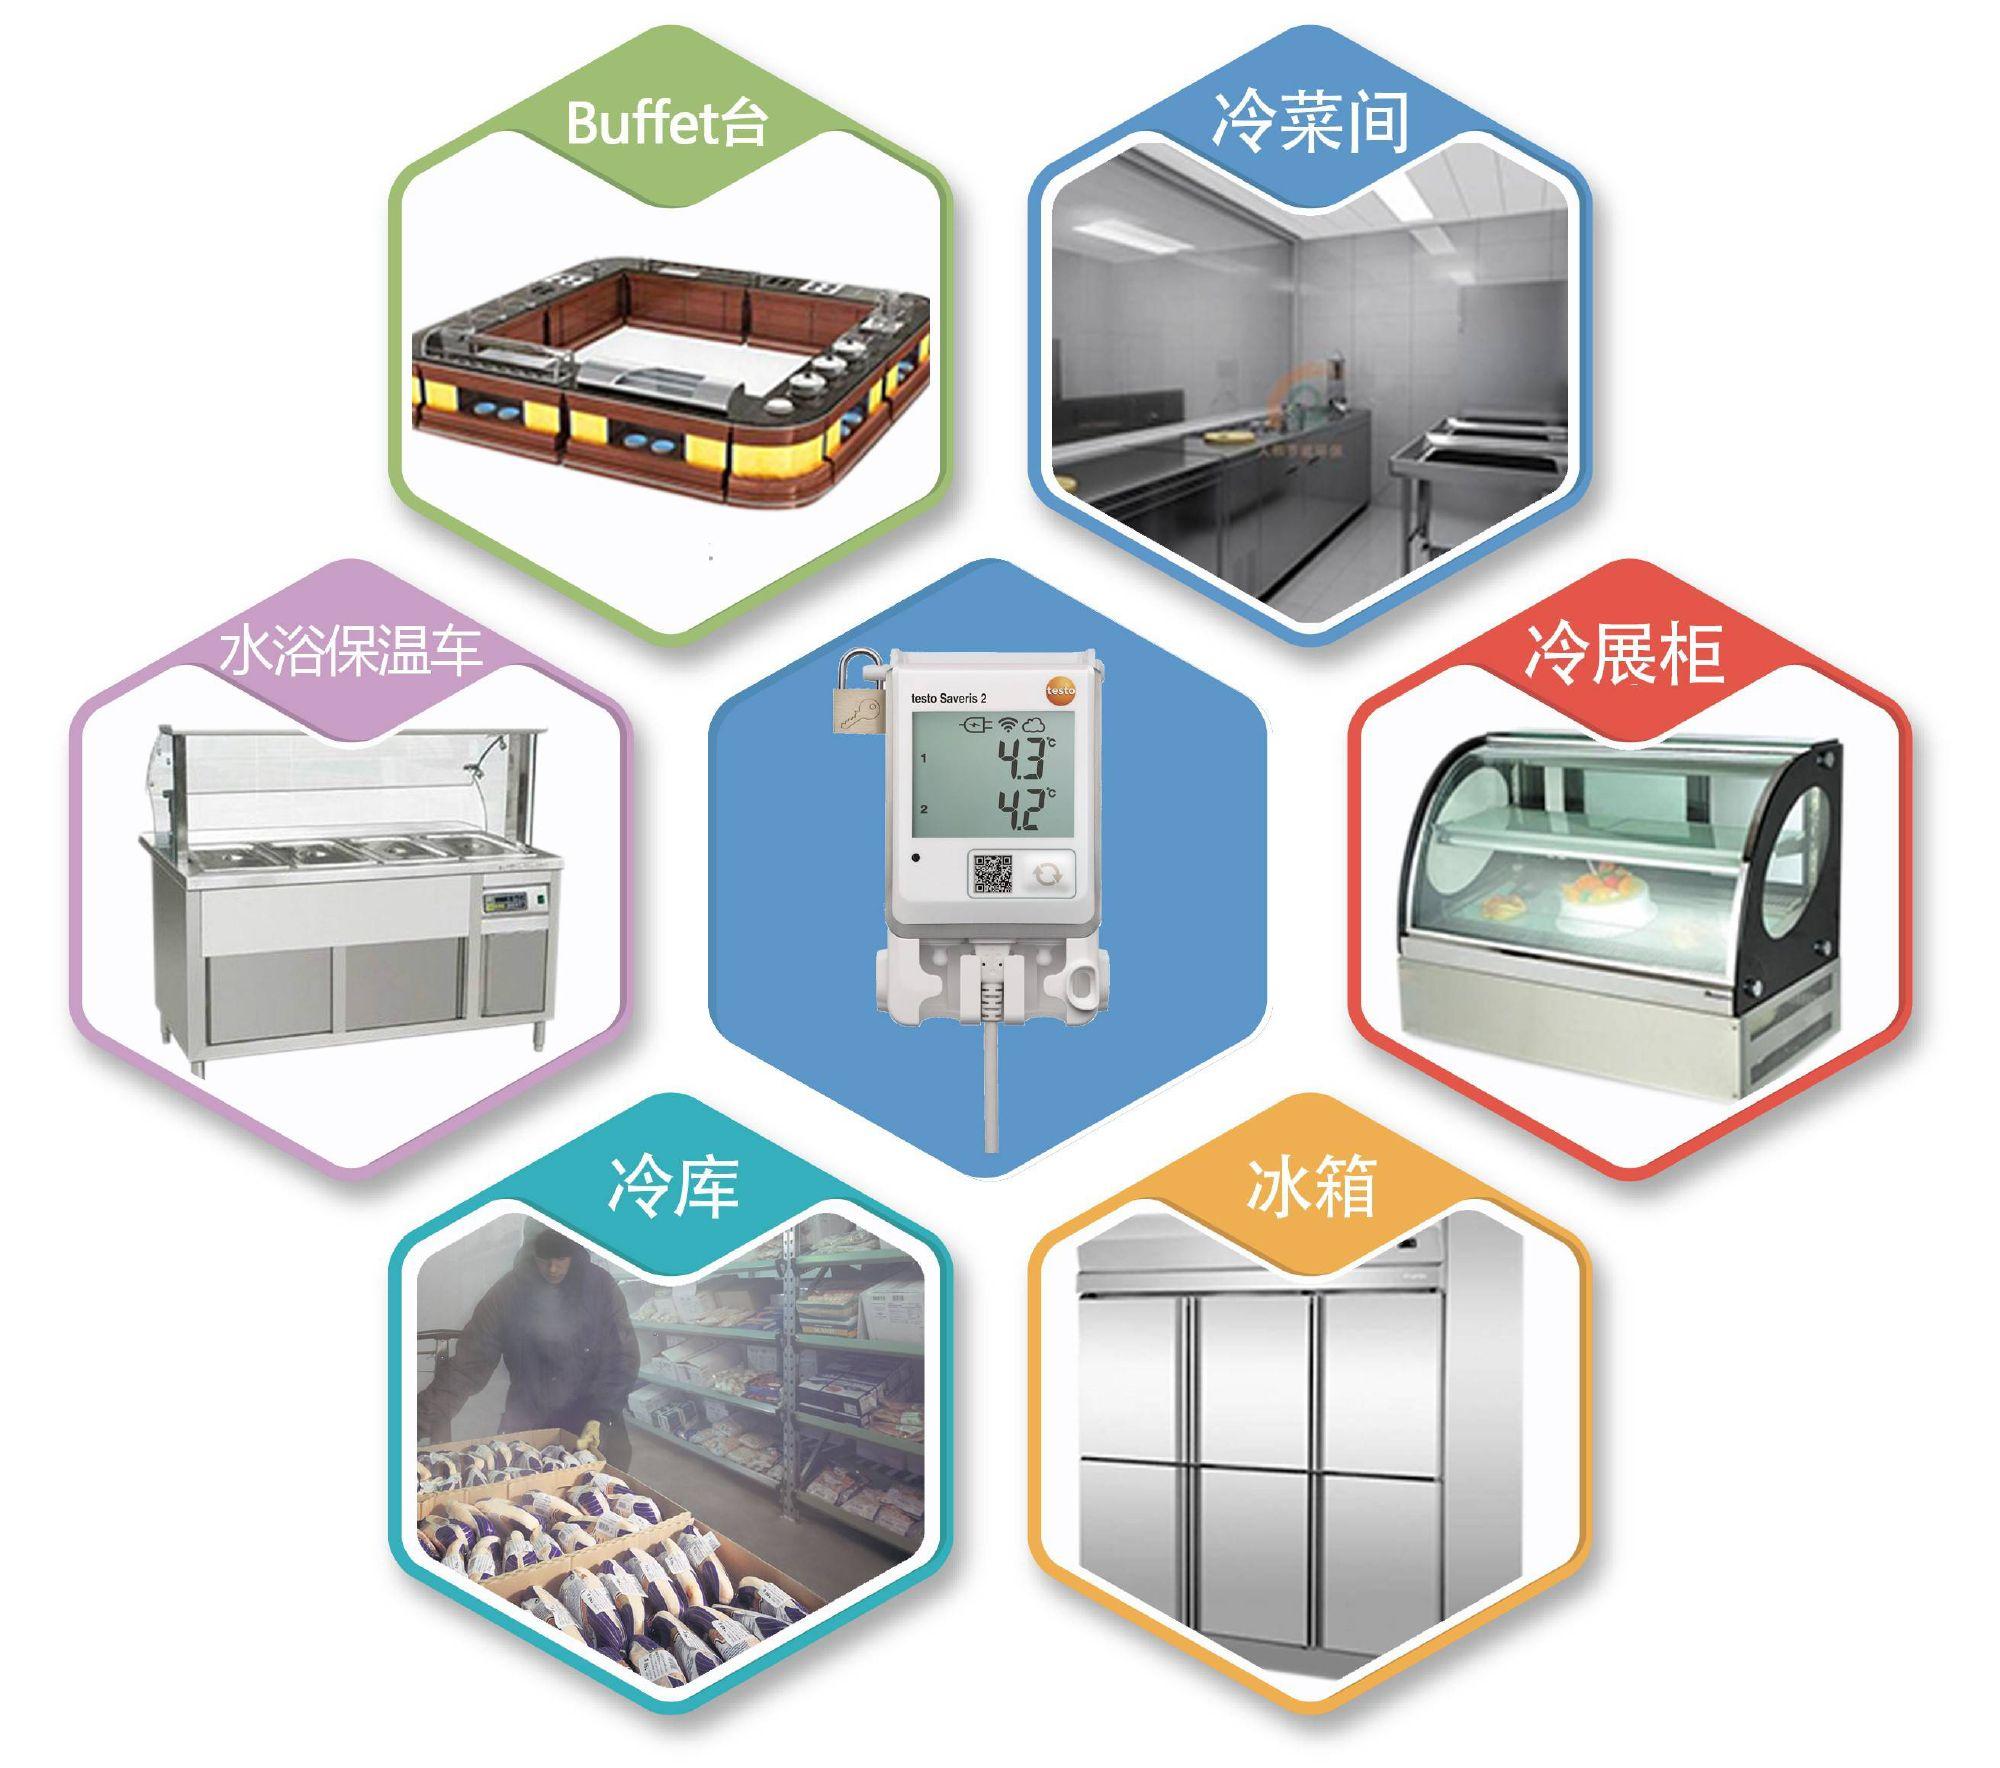 对于一个标准的五星级酒店来讲,粗加工区、西厨房、中厨房、自助餐厅都有大量的冷藏设备,其间的温度需要每天按照一定的频率进行监测与记录。